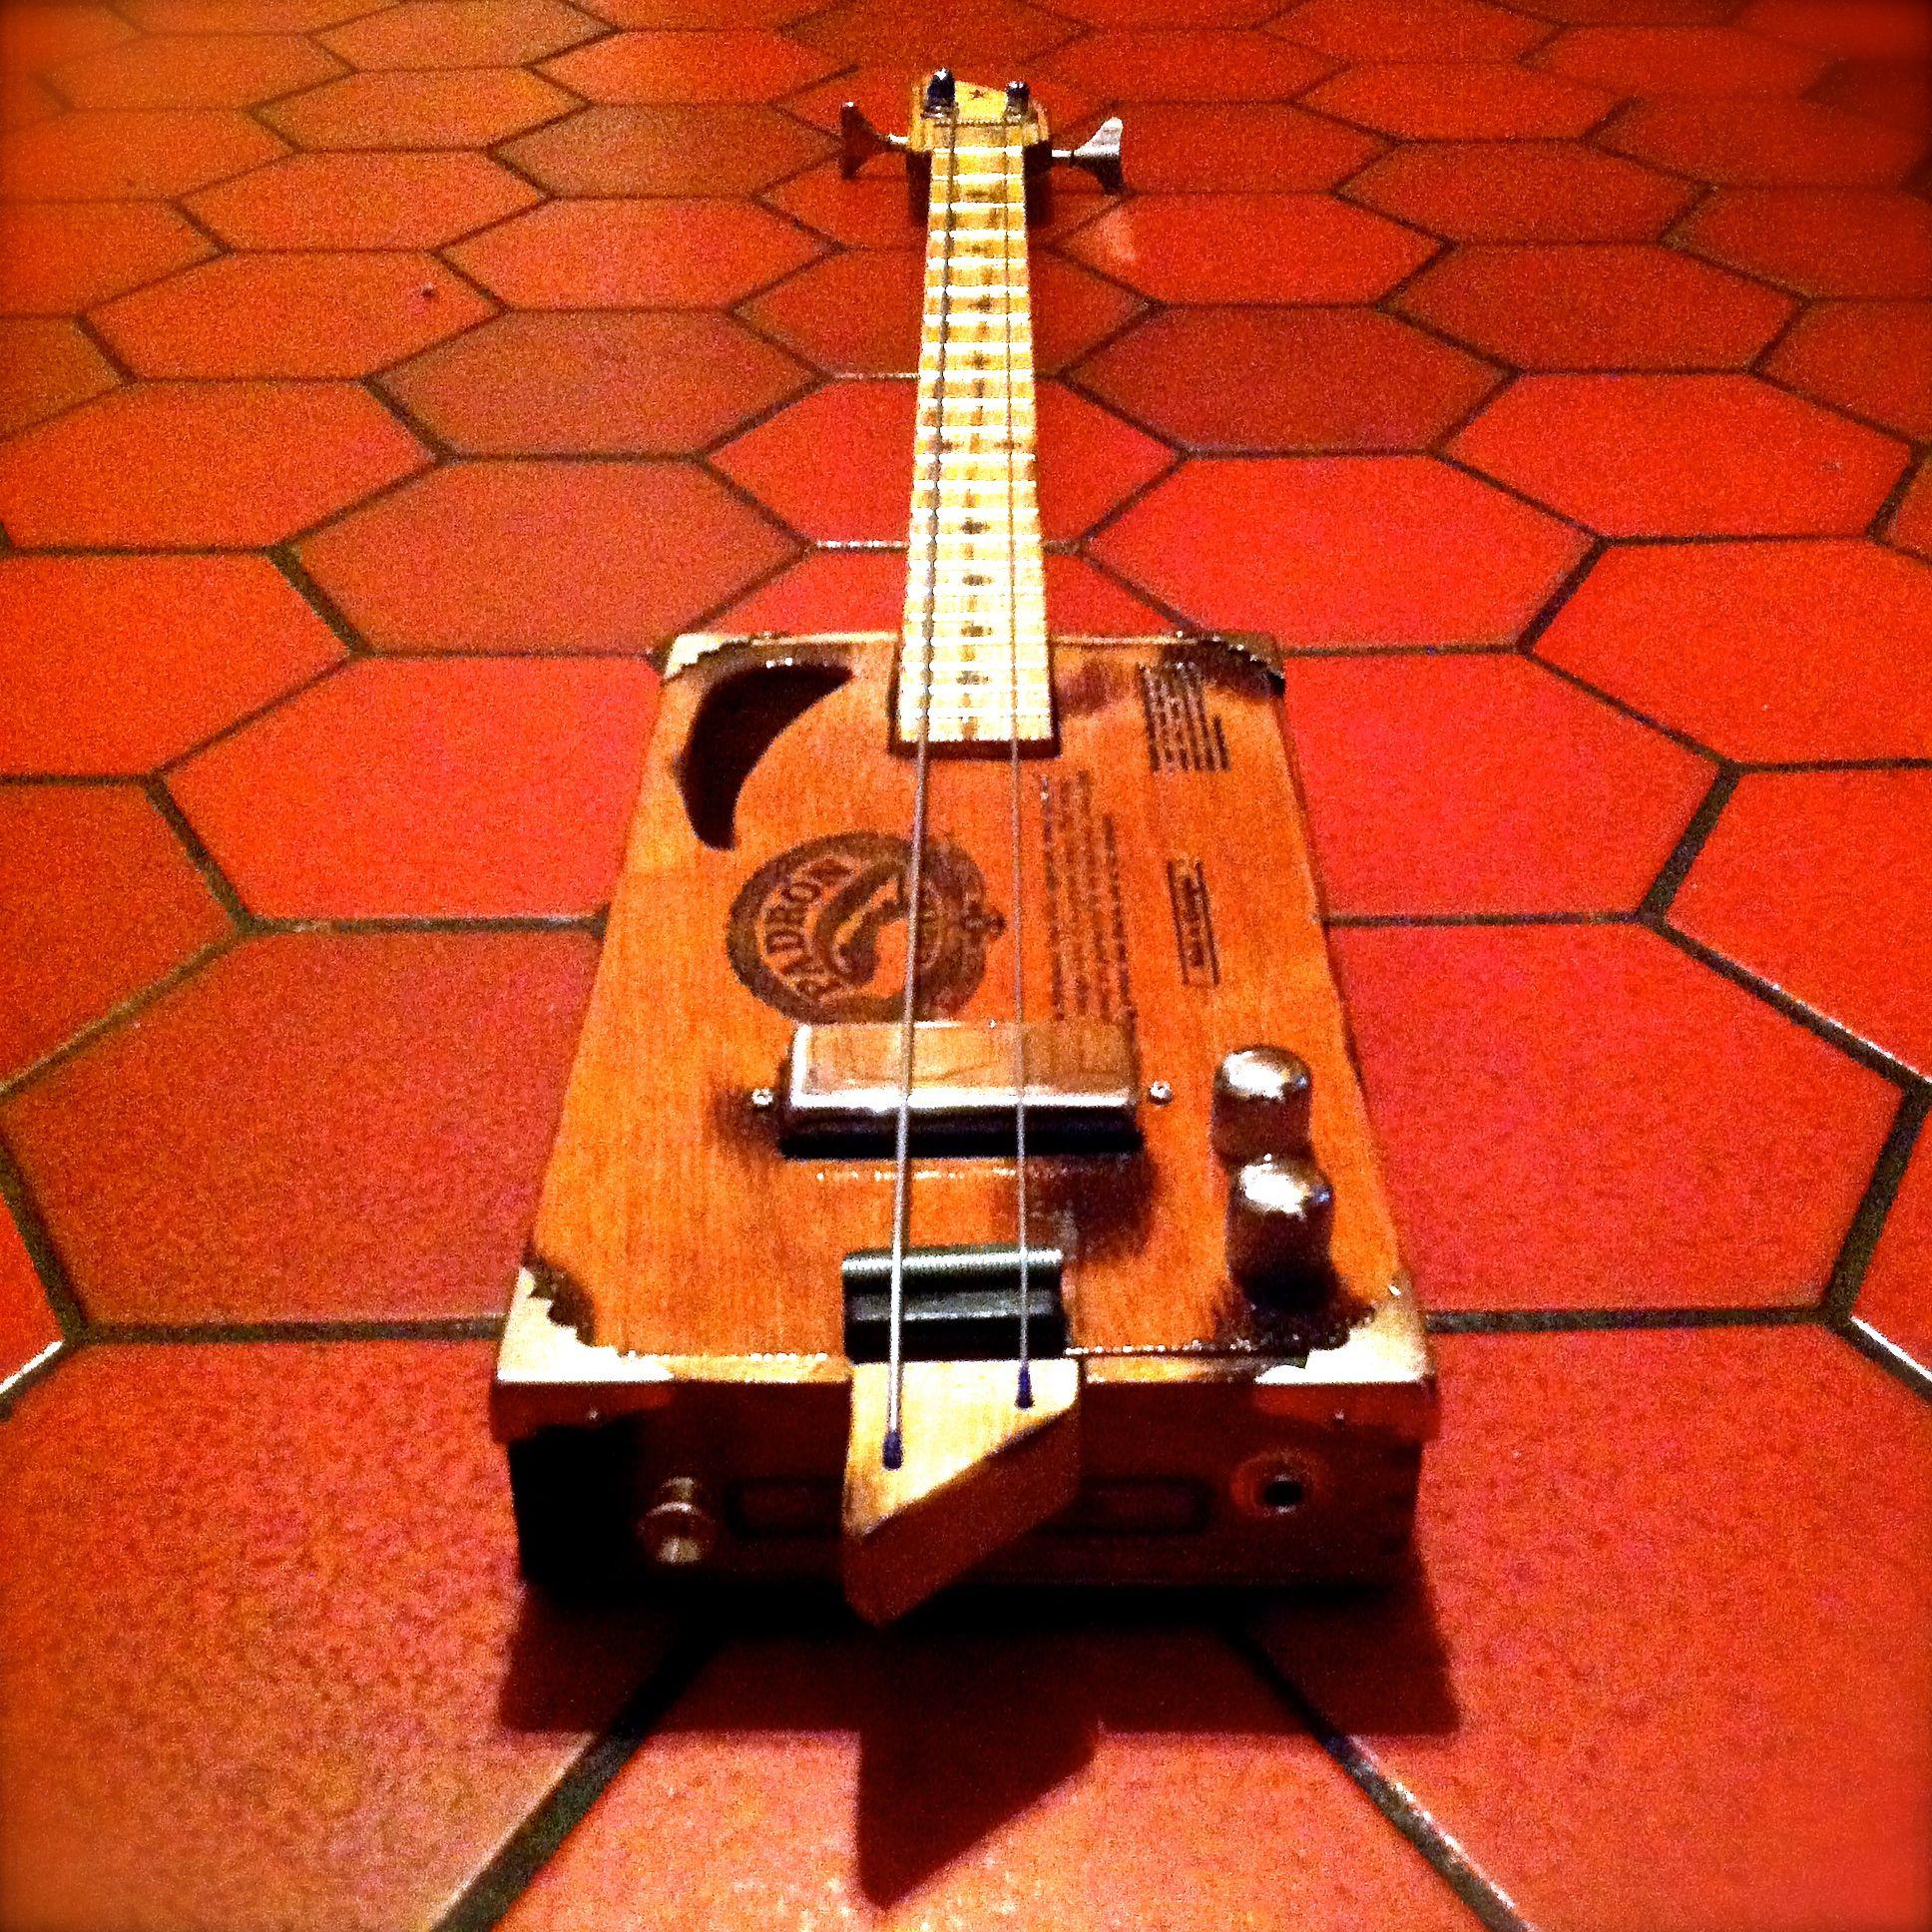 sandman 2 string bass five points instruments. Black Bedroom Furniture Sets. Home Design Ideas